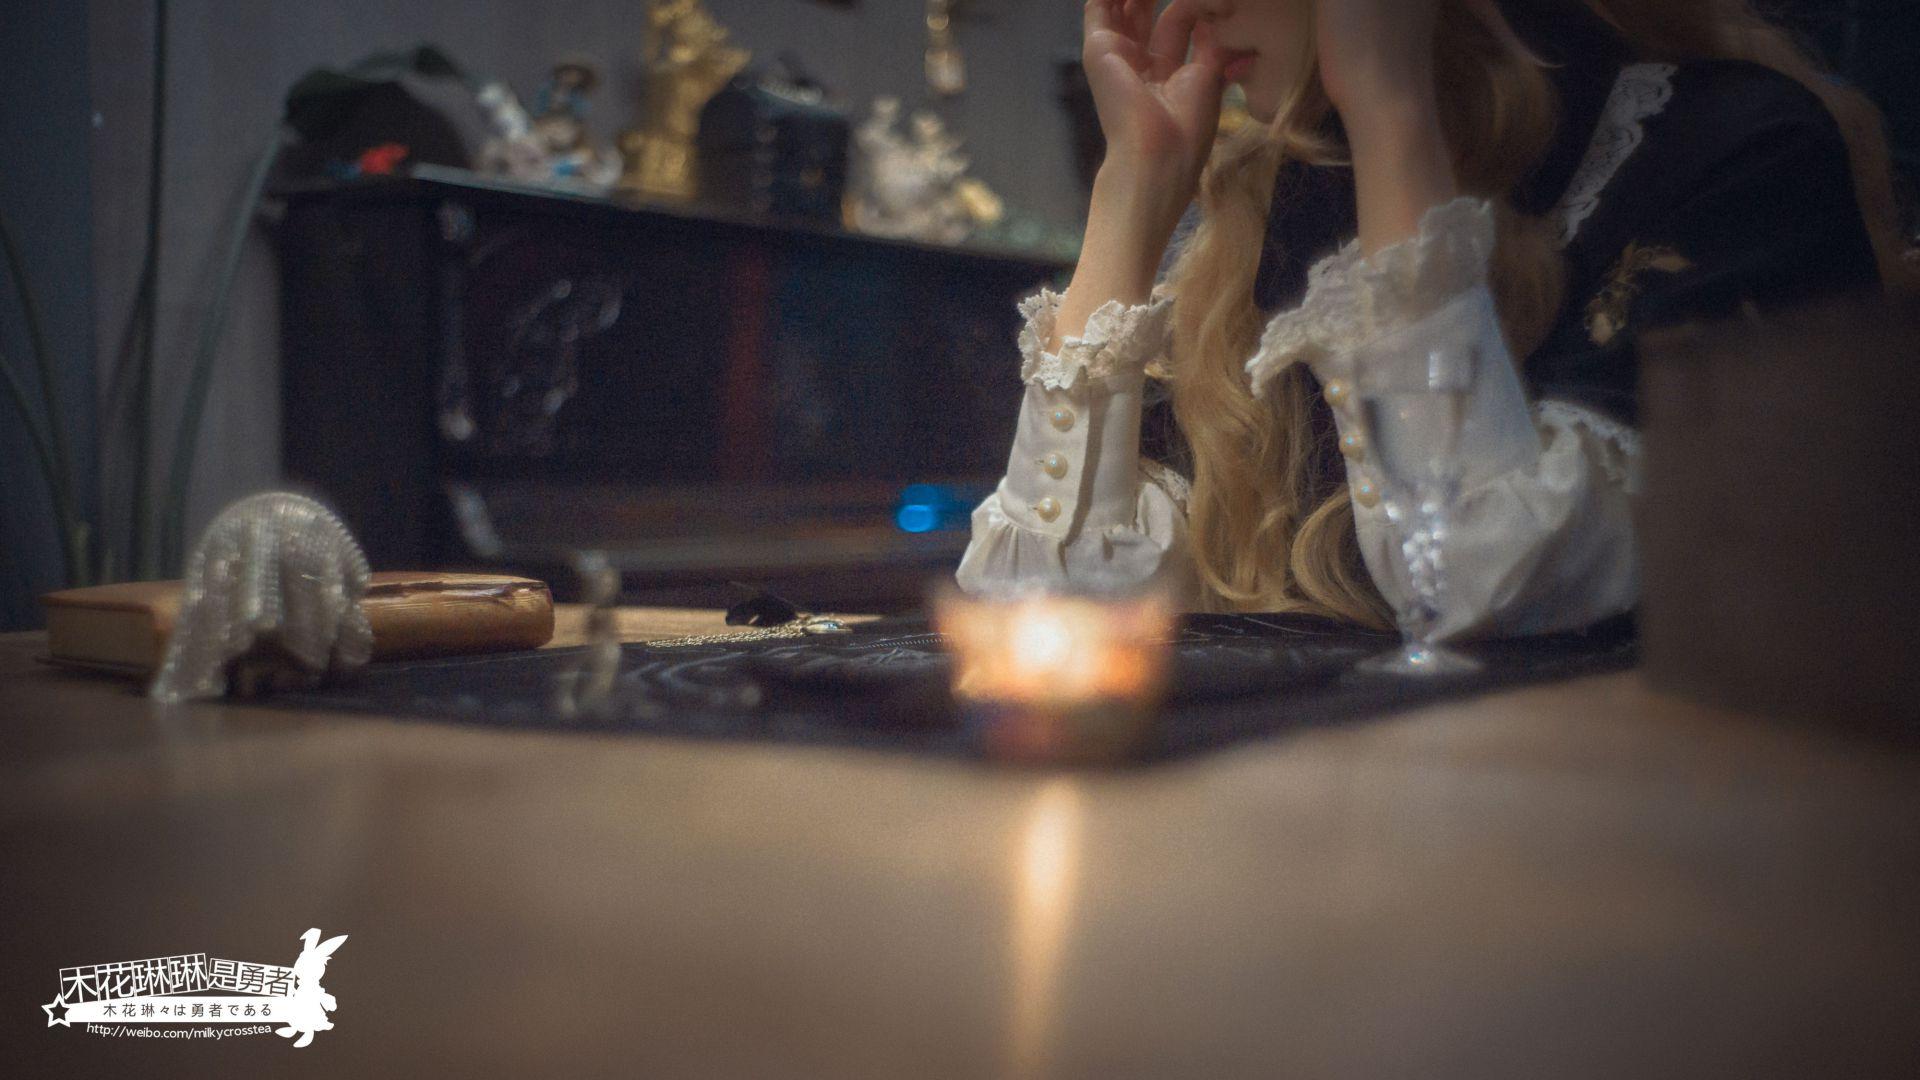 木花琳琳是勇者 No003 LOLITA COLLECTION EP.X 兔玩映画 第3张